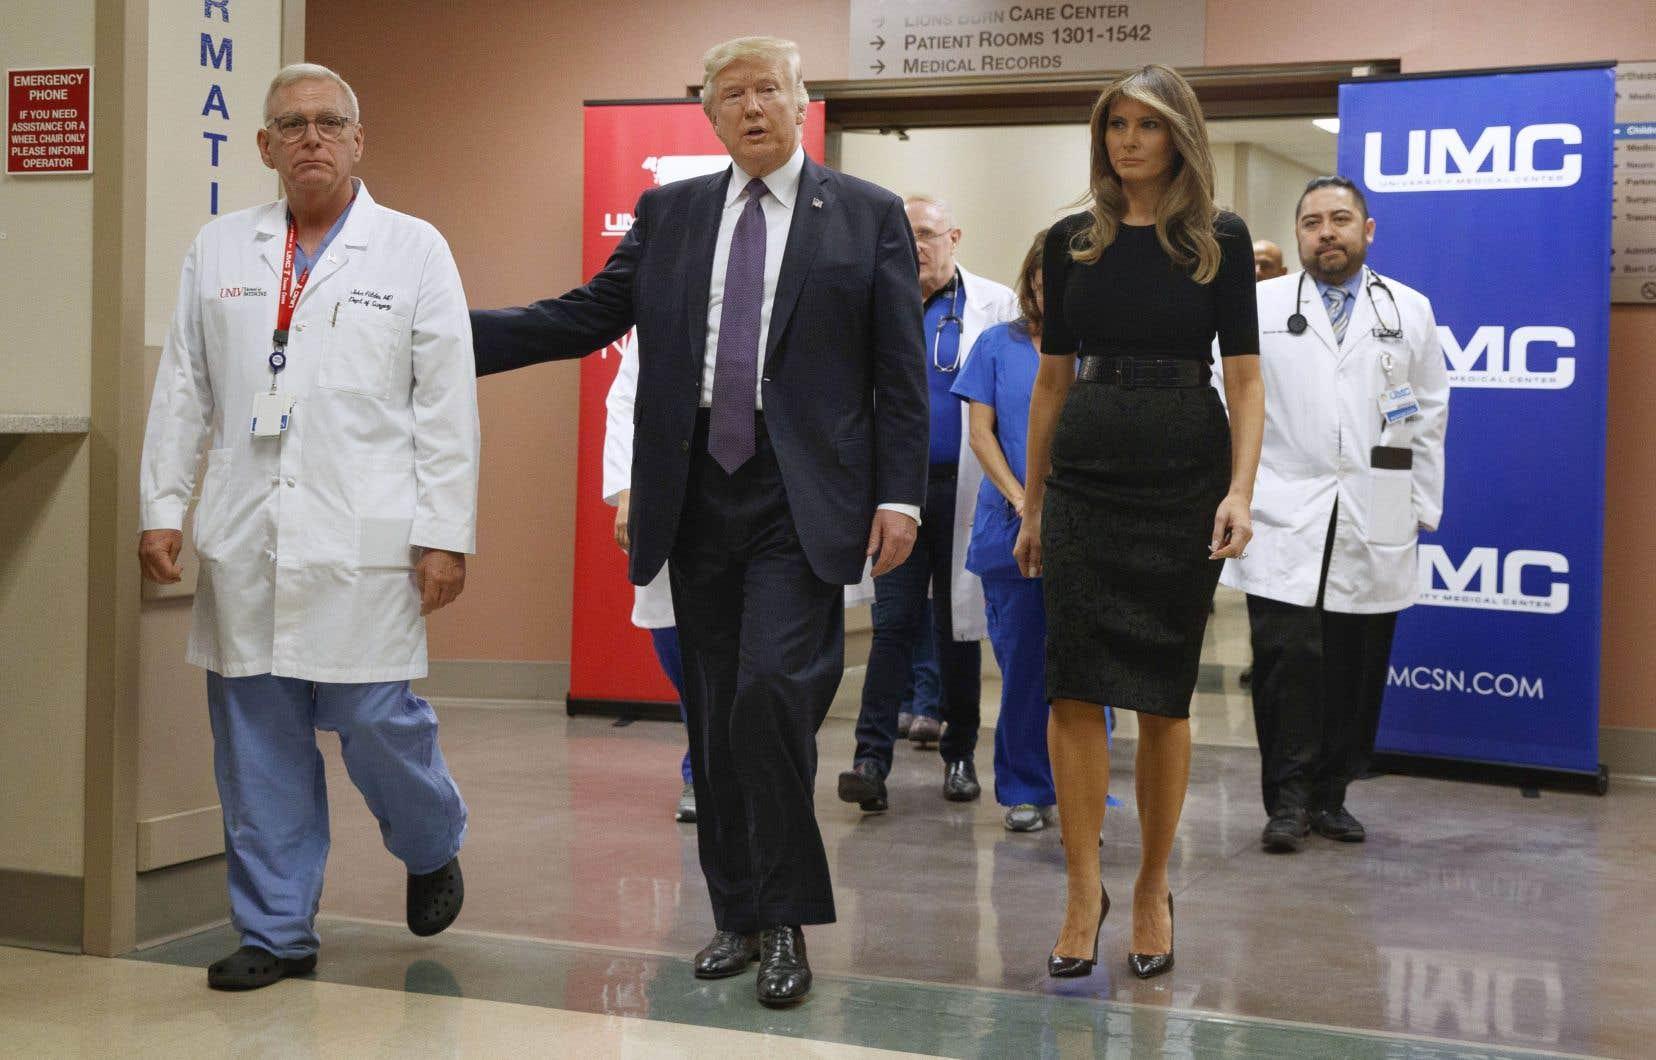 Le président Donald Trump et la première dame Melania Trump se sont rendus dans un hôpital, mercredi, pour rencontrer en privé des victimes de la fusillade de Las Vegas, la pire tuerie de l'histoire moderne des États-Unis.